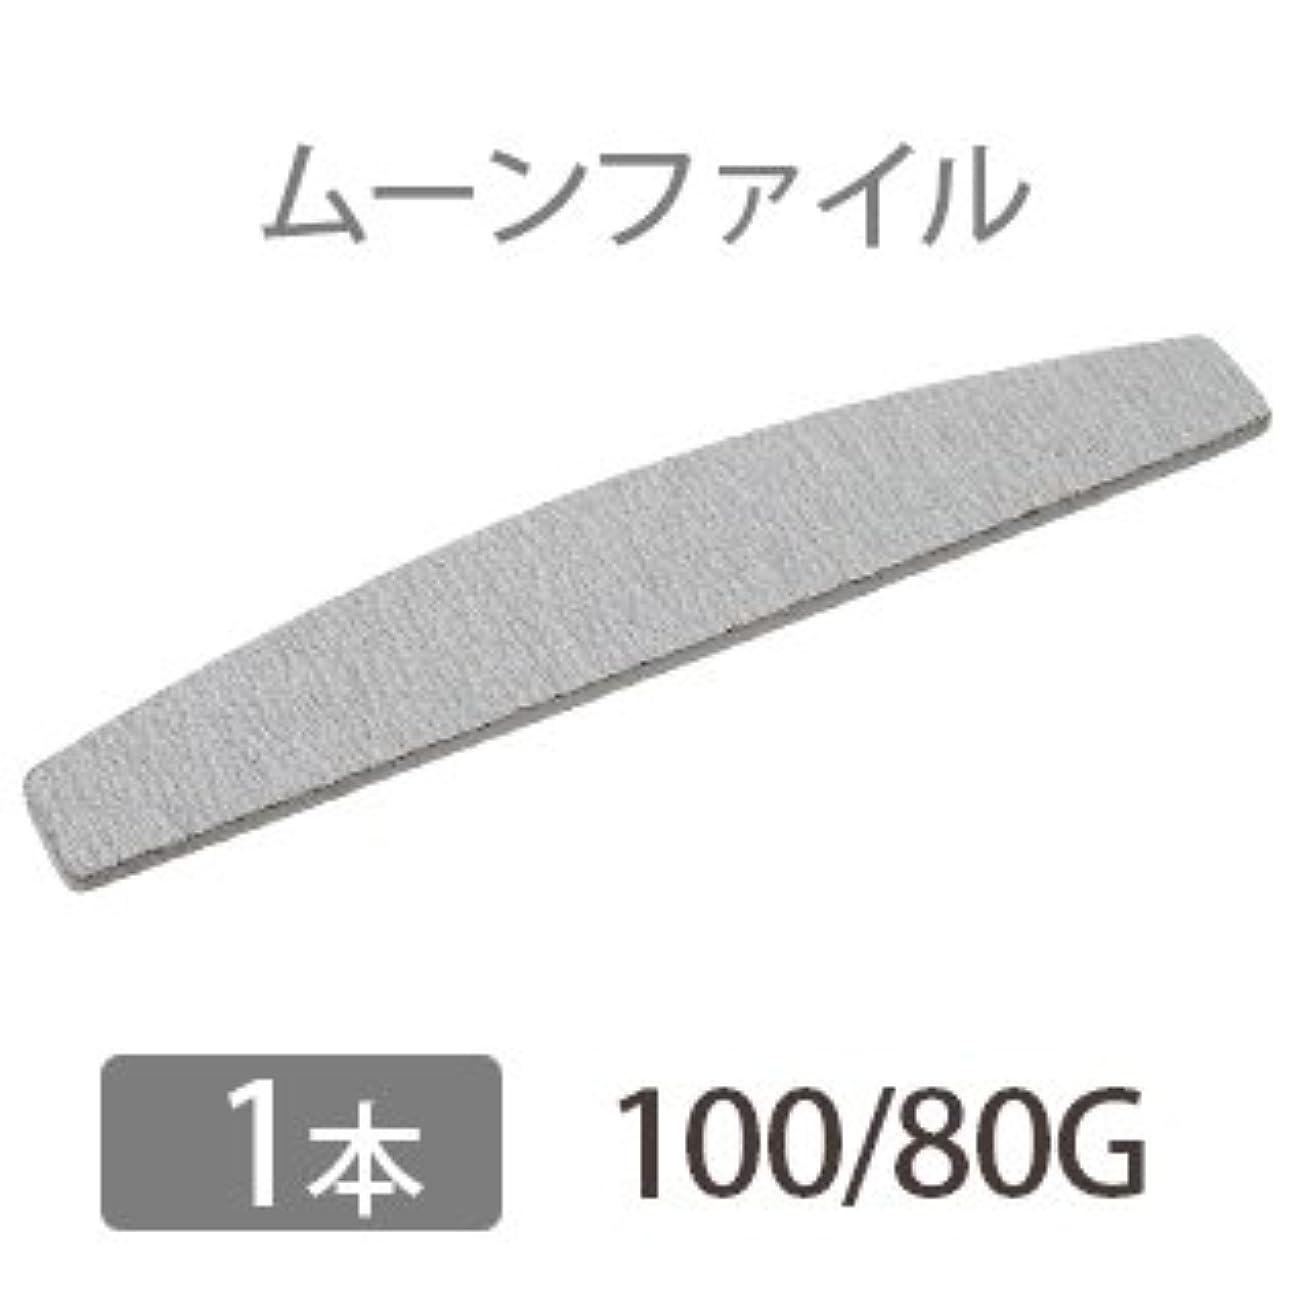 キースーダン発言するムーンファイル 100/80 【ネイル オフ ケア用品】